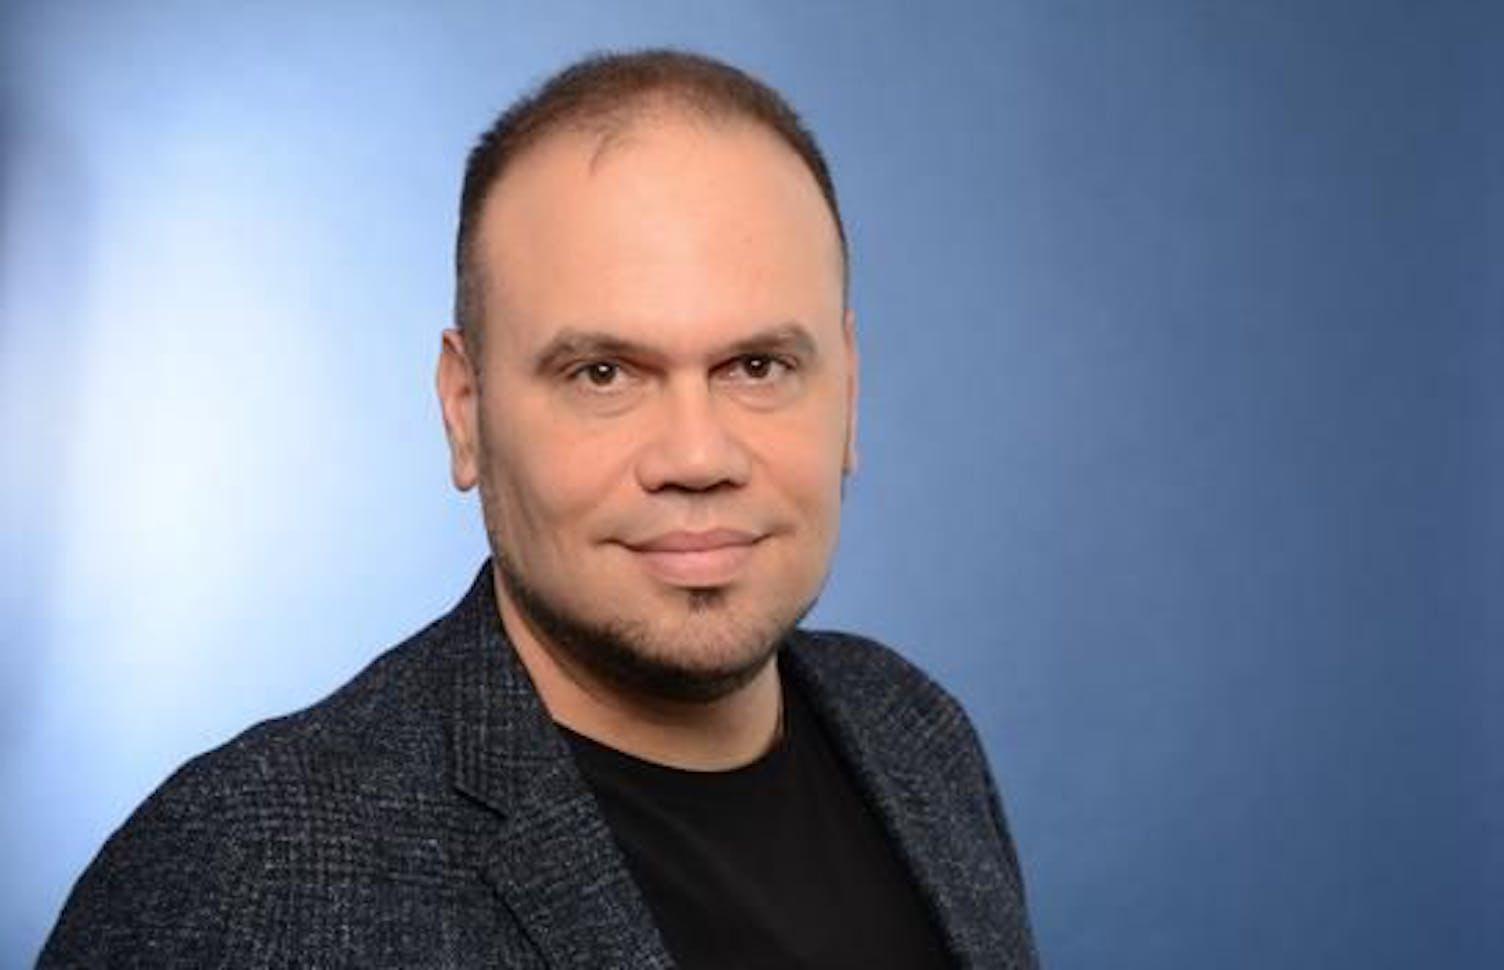 Marcello Indino